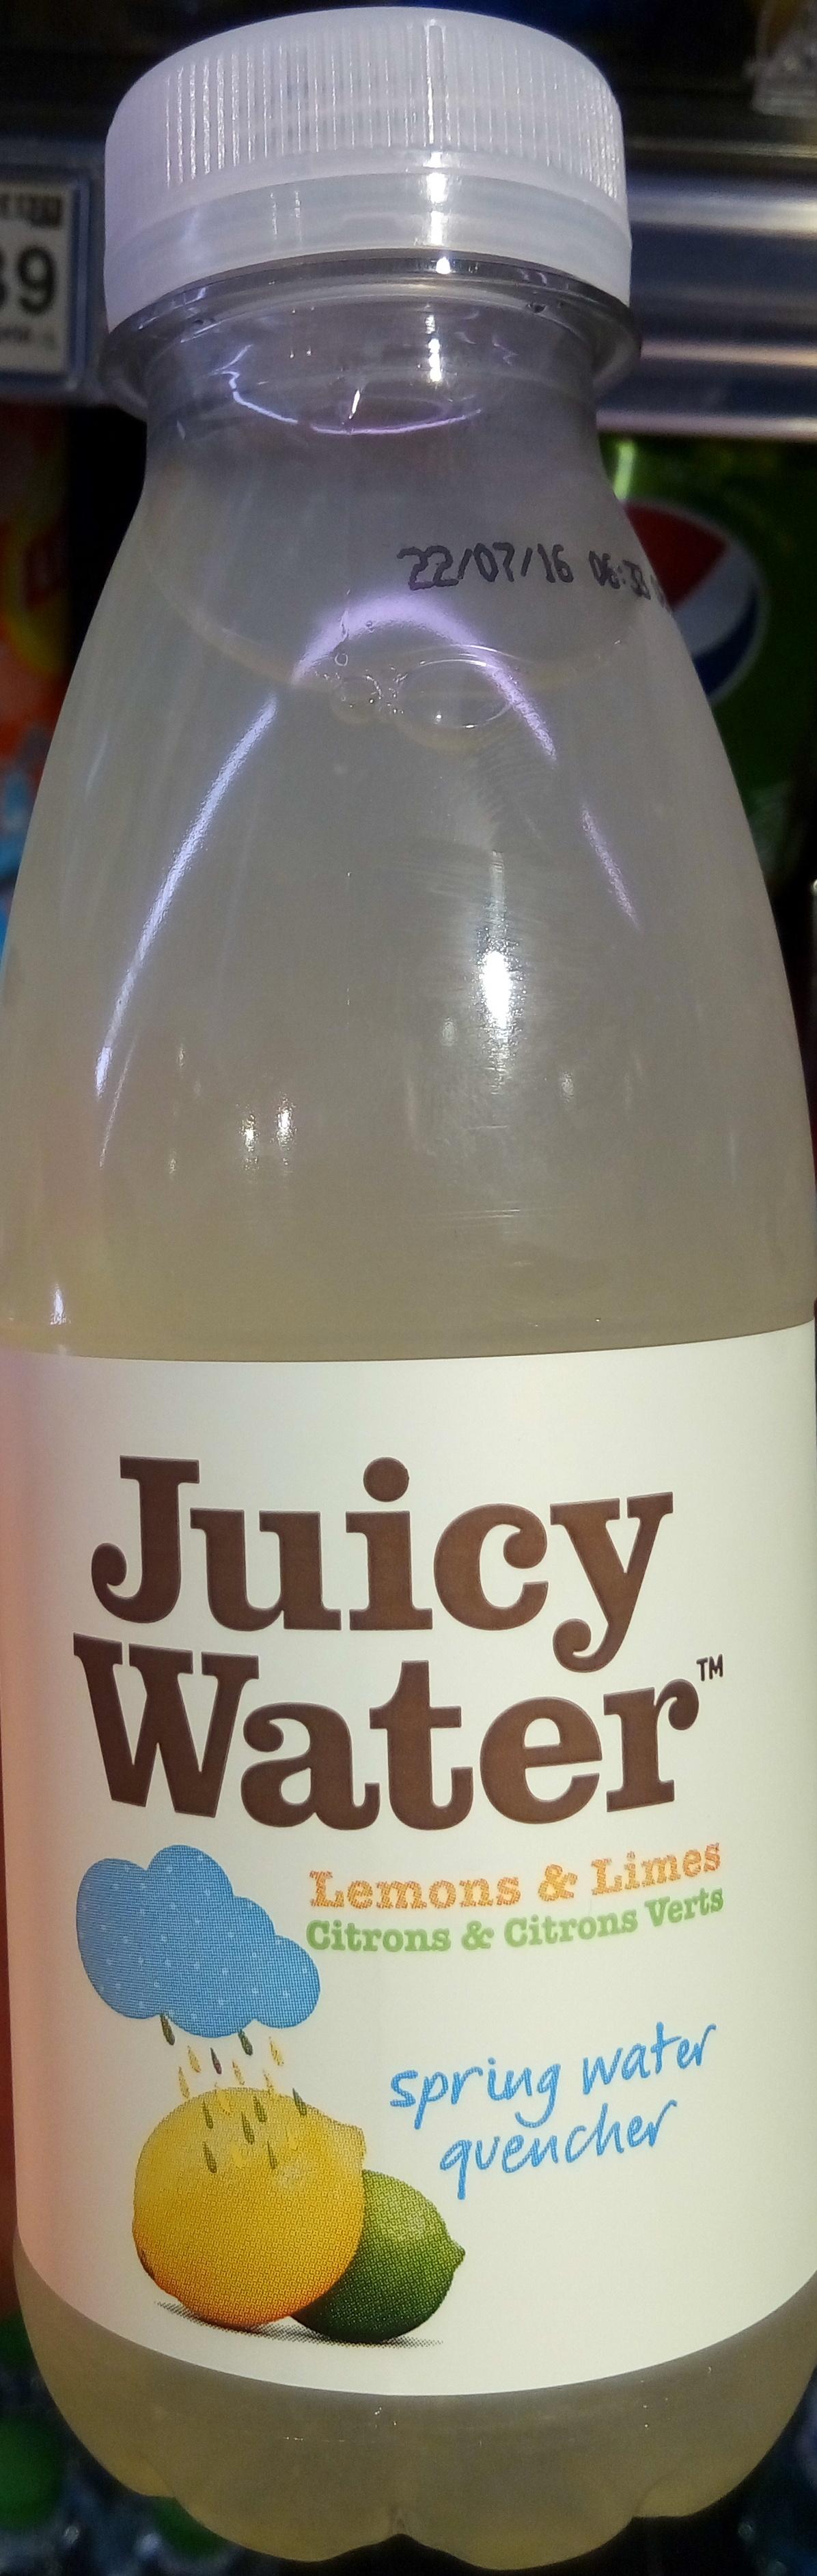 Juicy Water citrons et citrons verts - Product - fr